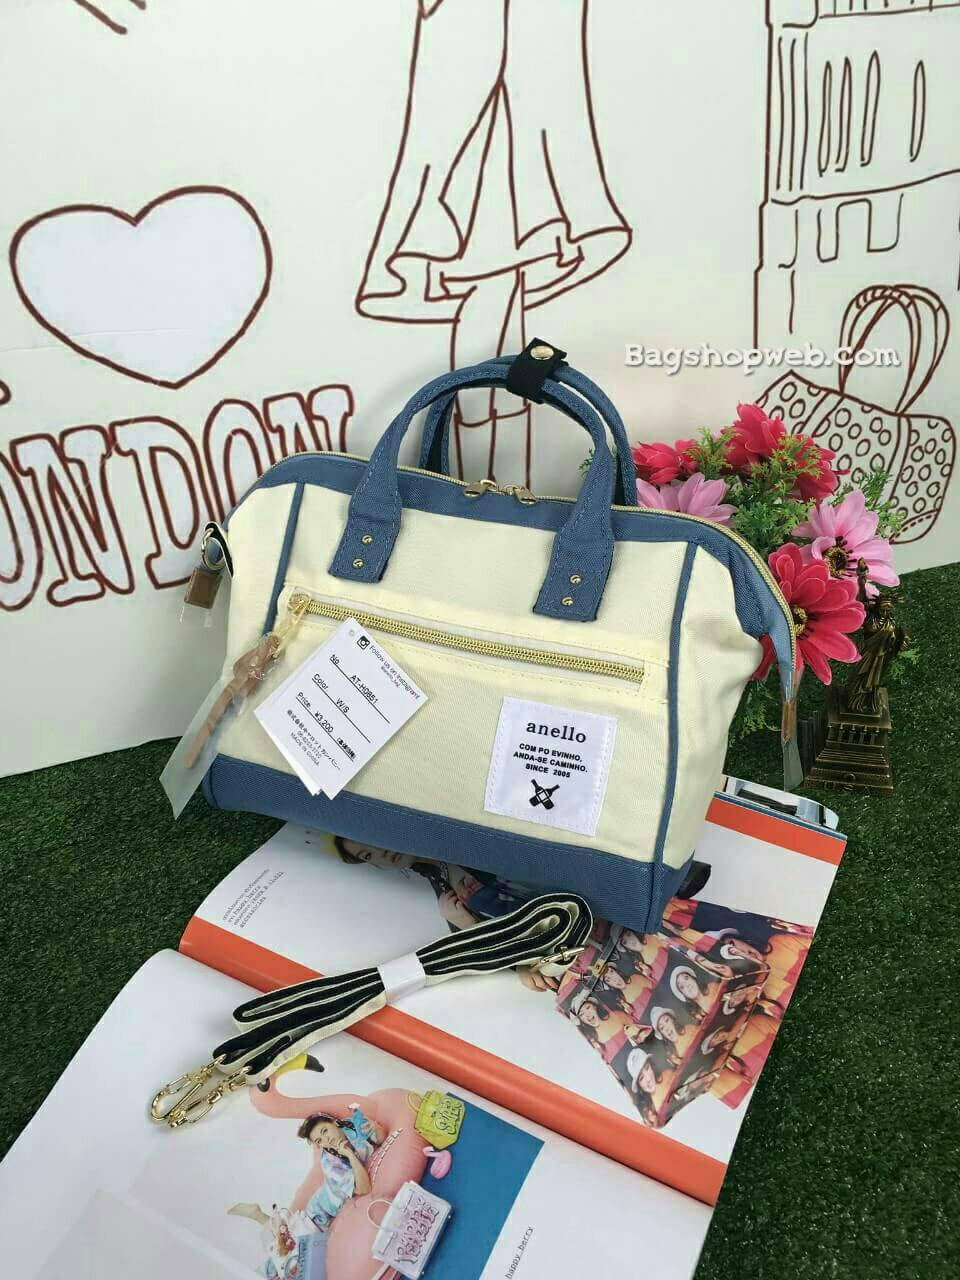 กระเป๋า Anello 2 Way Mini Boston Bag Twotone ขาวฟ้า สะพายข้างลำตัว